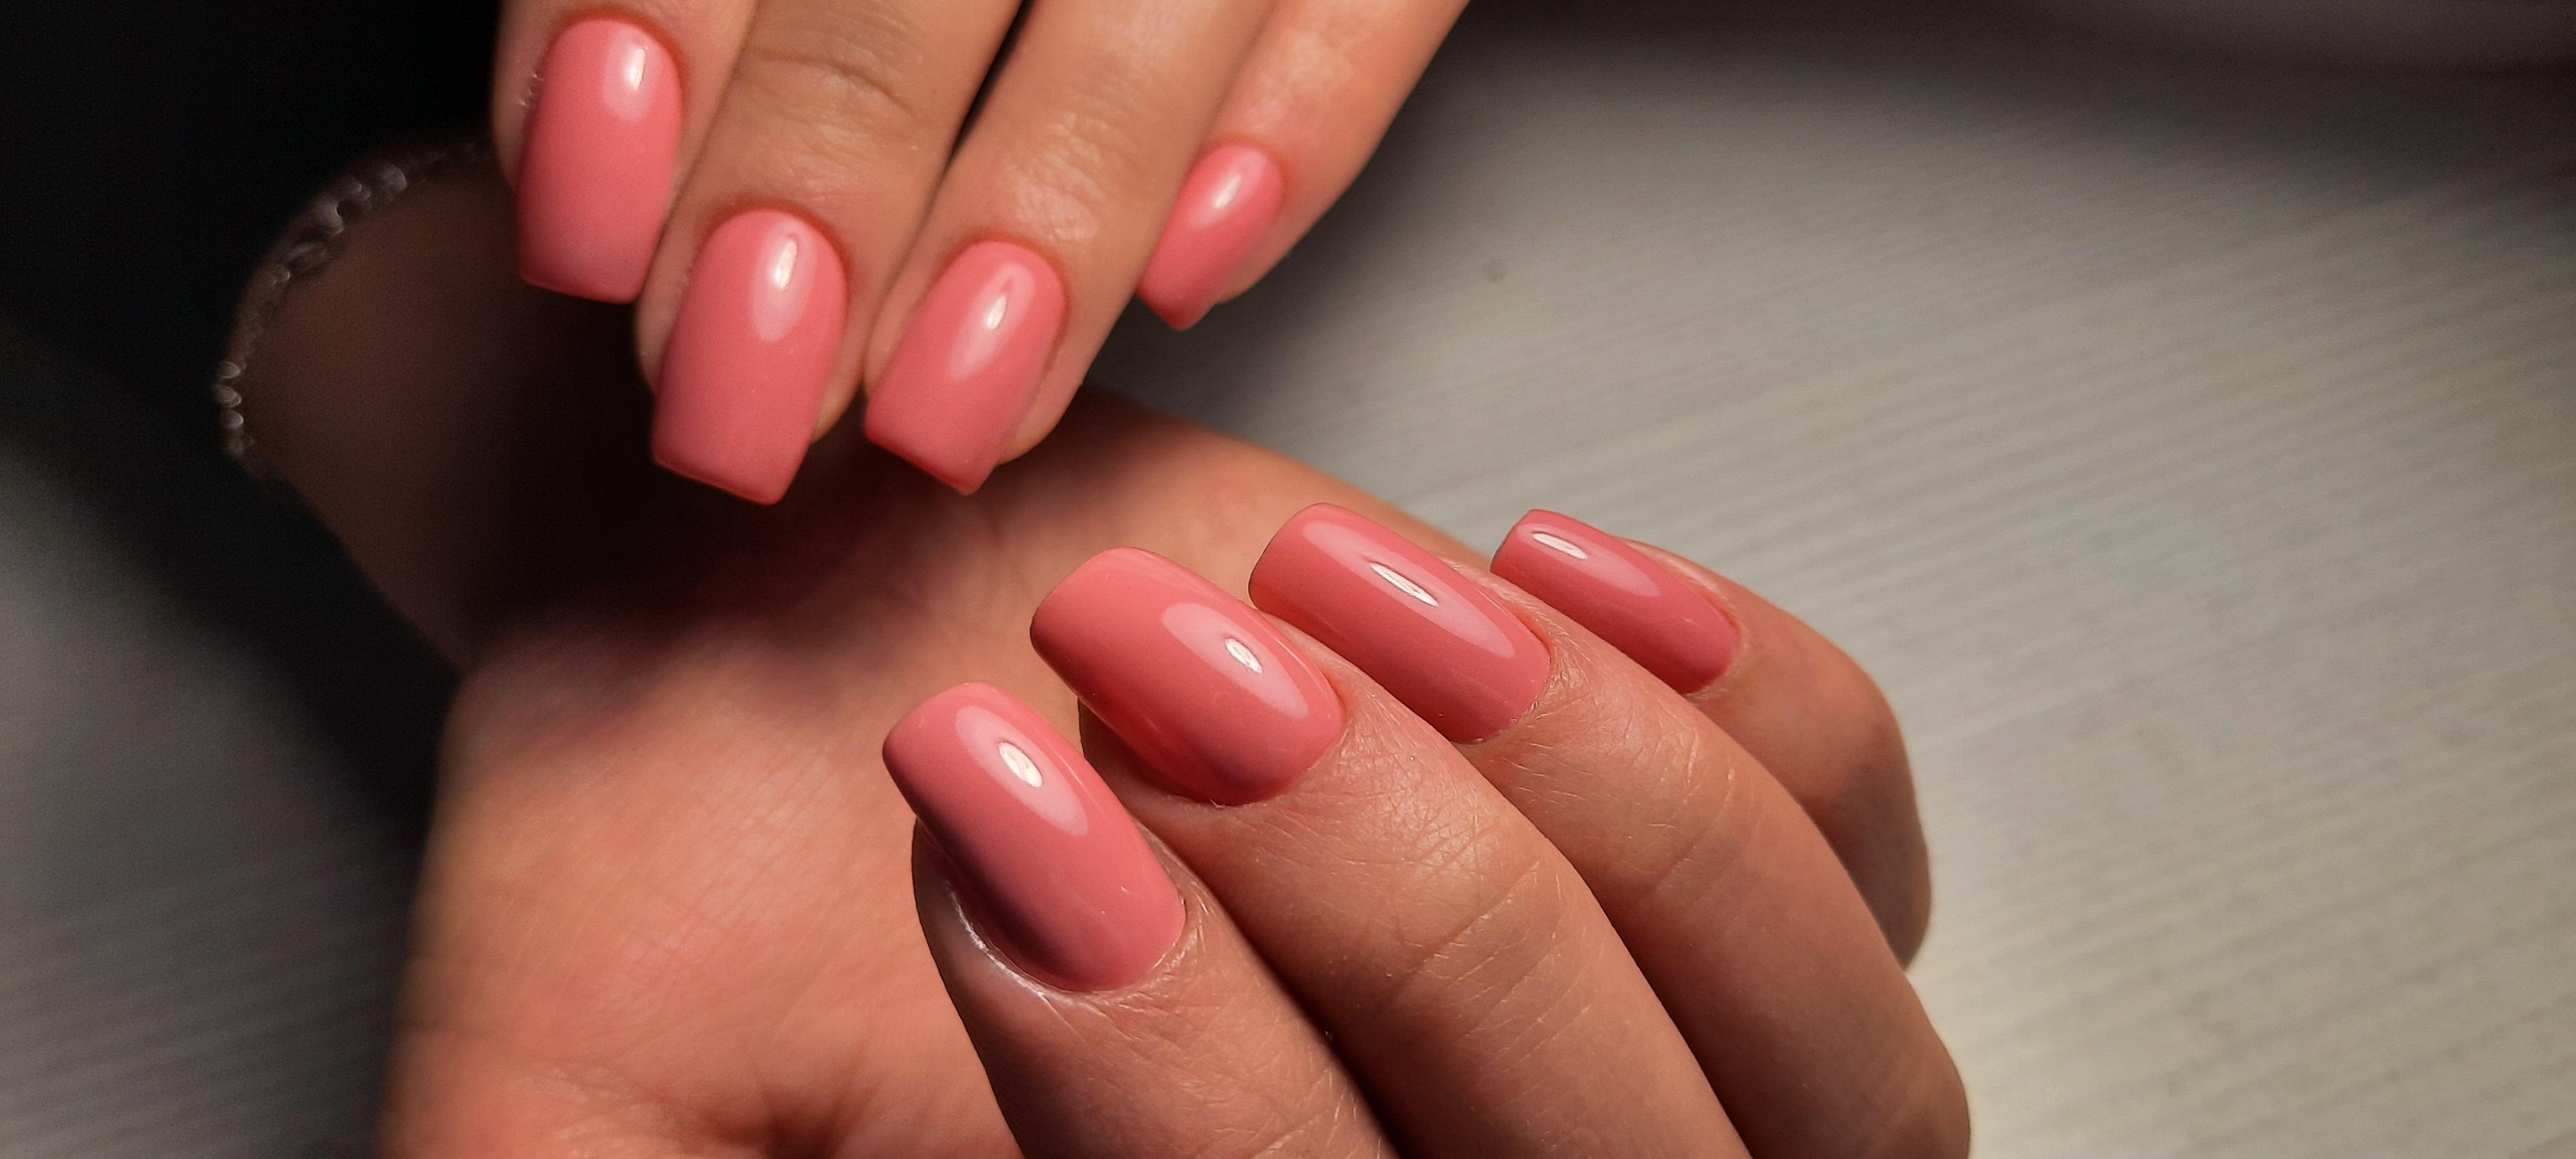 Маникюр в розовом цвете на длинные ногти.